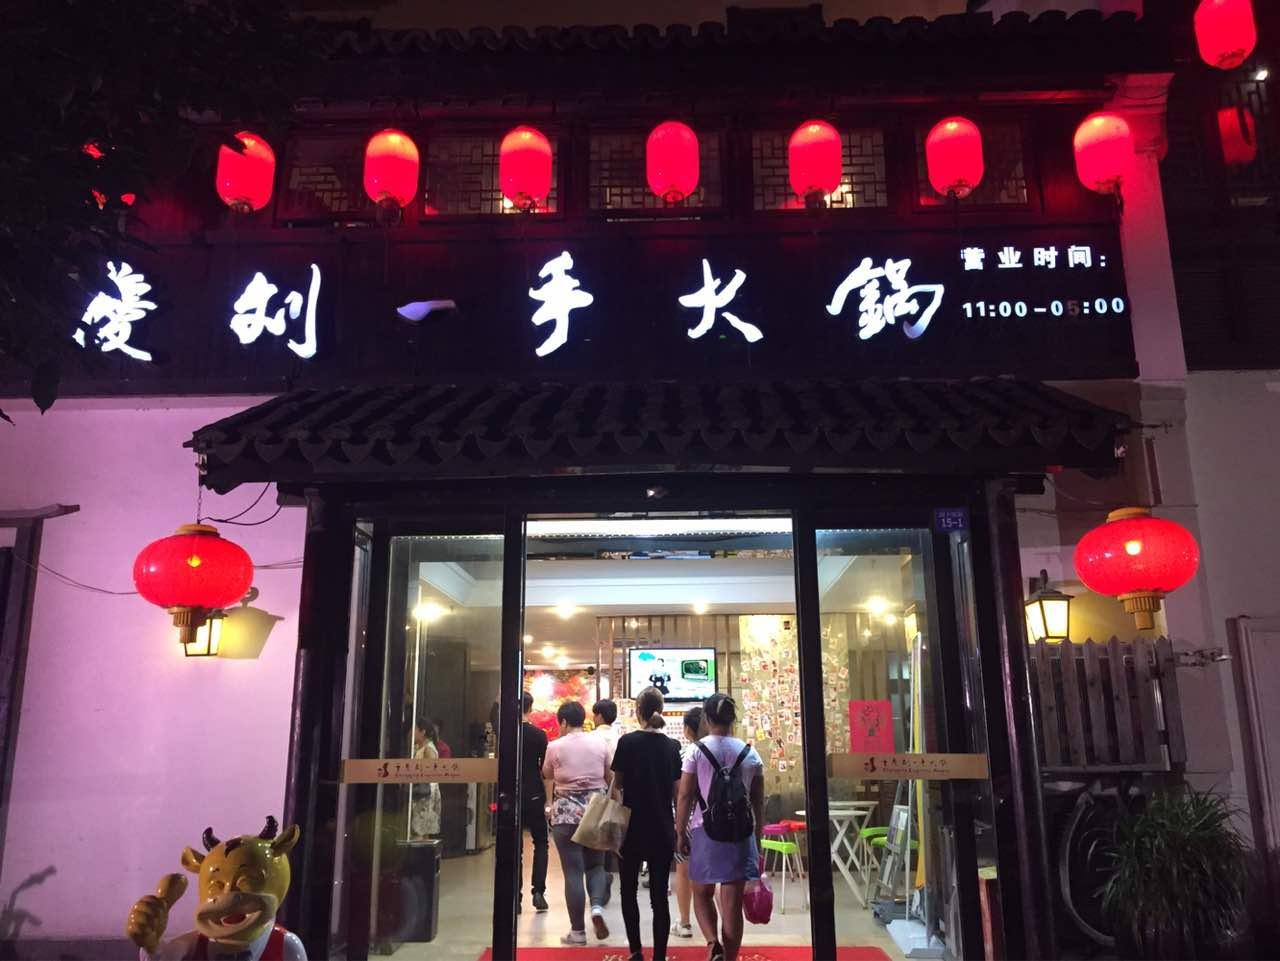 重庆刘一手火锅(南下塘店)